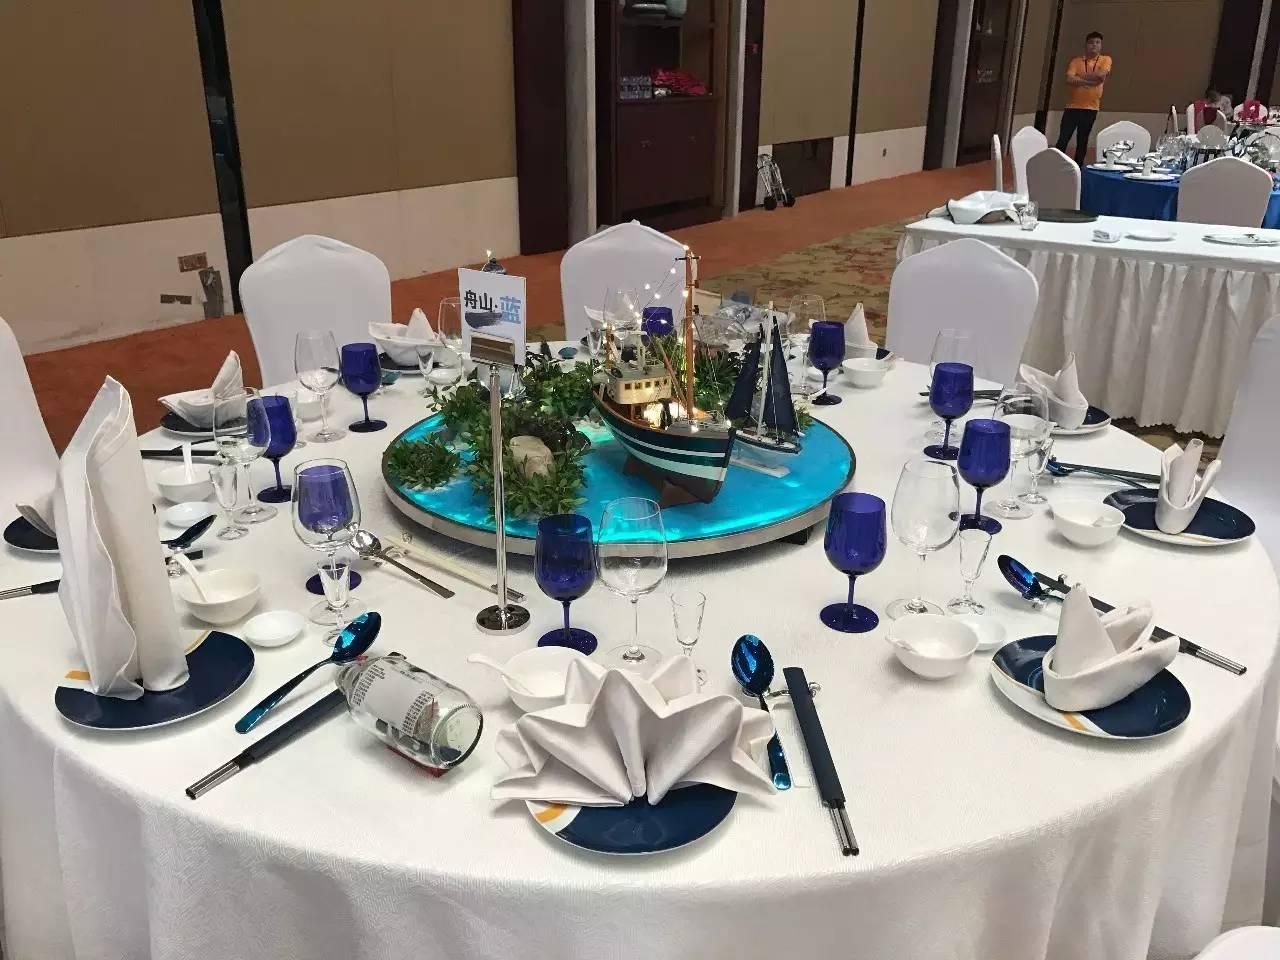 下午茶创意设计和中餐宴会主题摆台单项比赛项目一等奖.图片